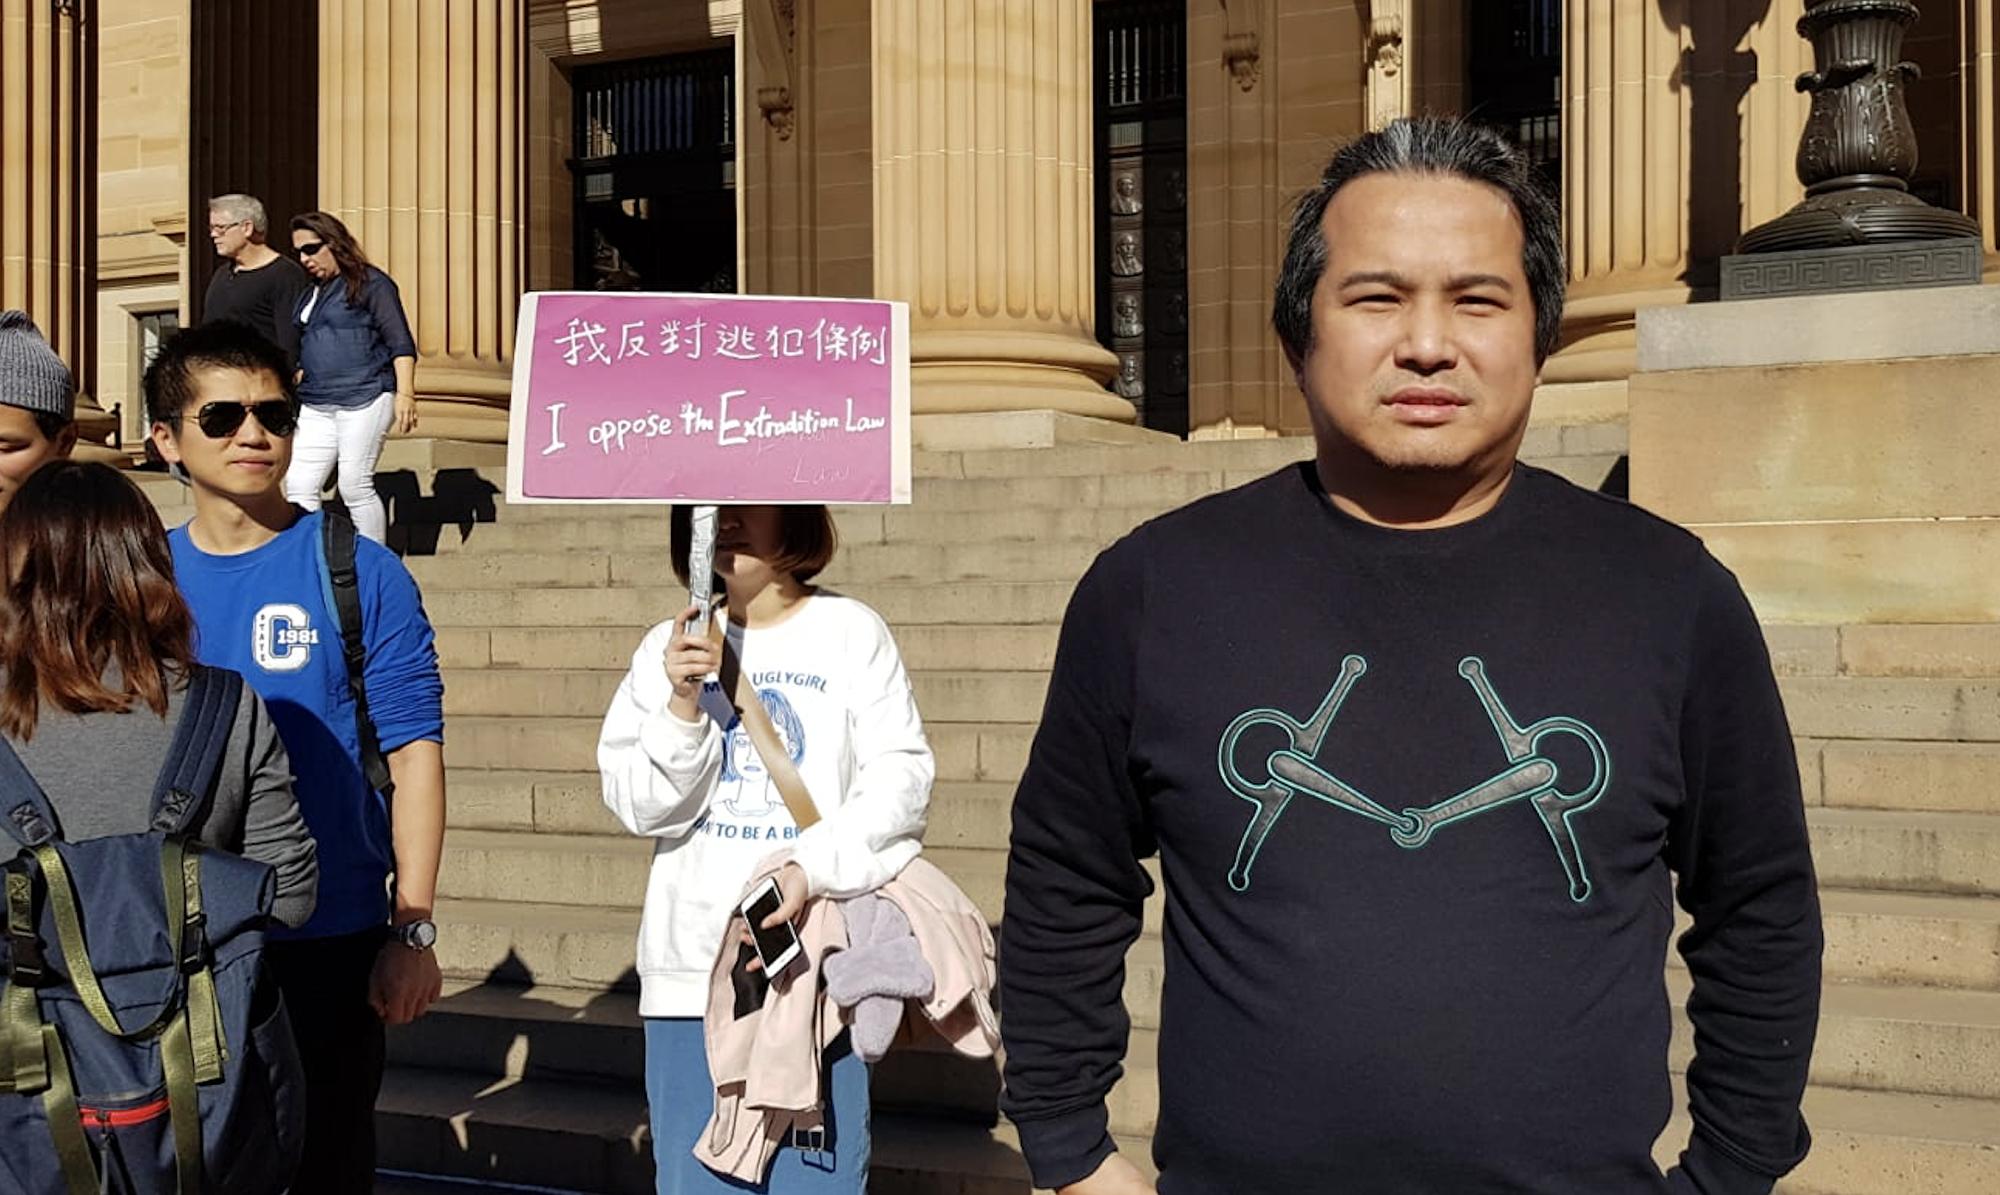 悉尼華裔商人蔣正聲援香港反送中條例。(駱亞/大紀元)